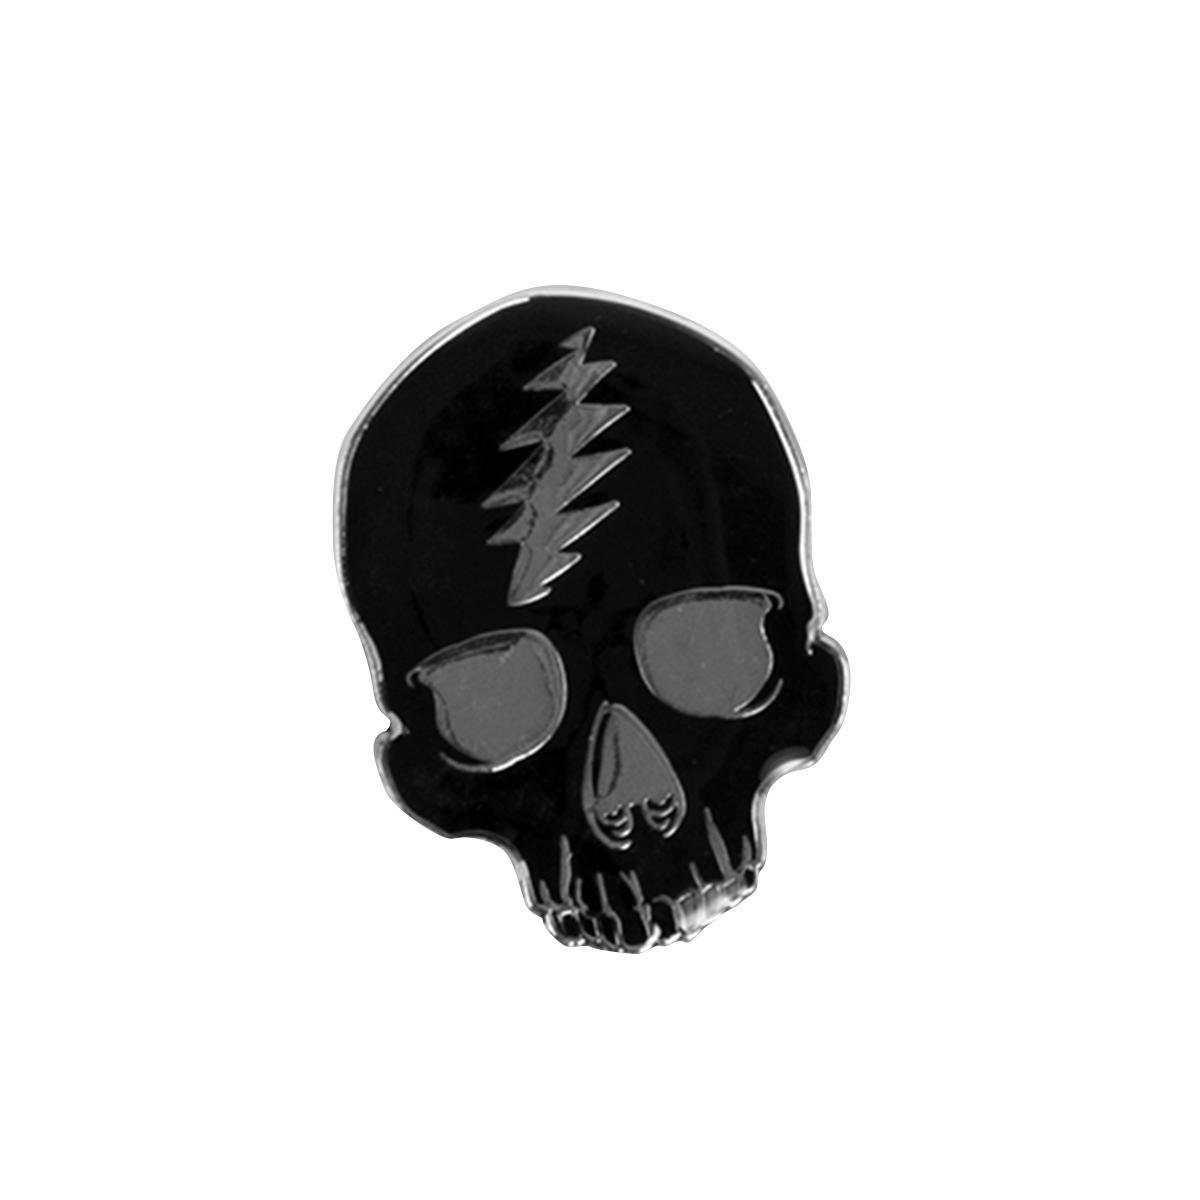 Enamel Skull Pin